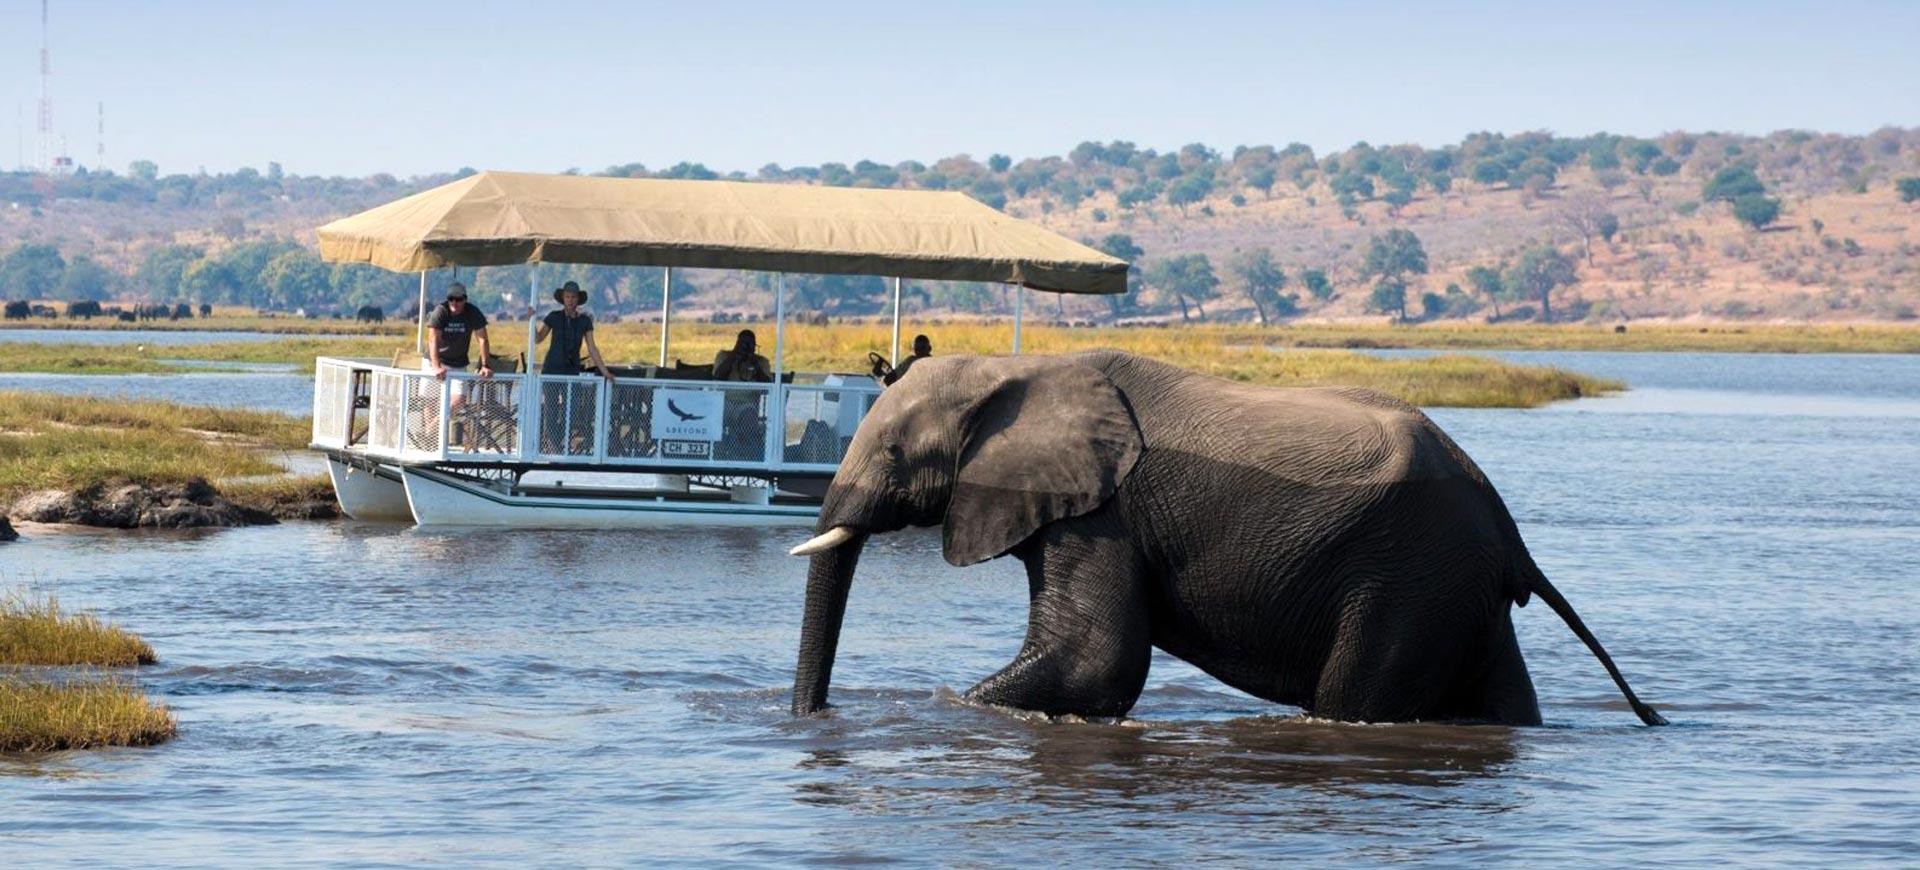 Chobe River Cruise Safari